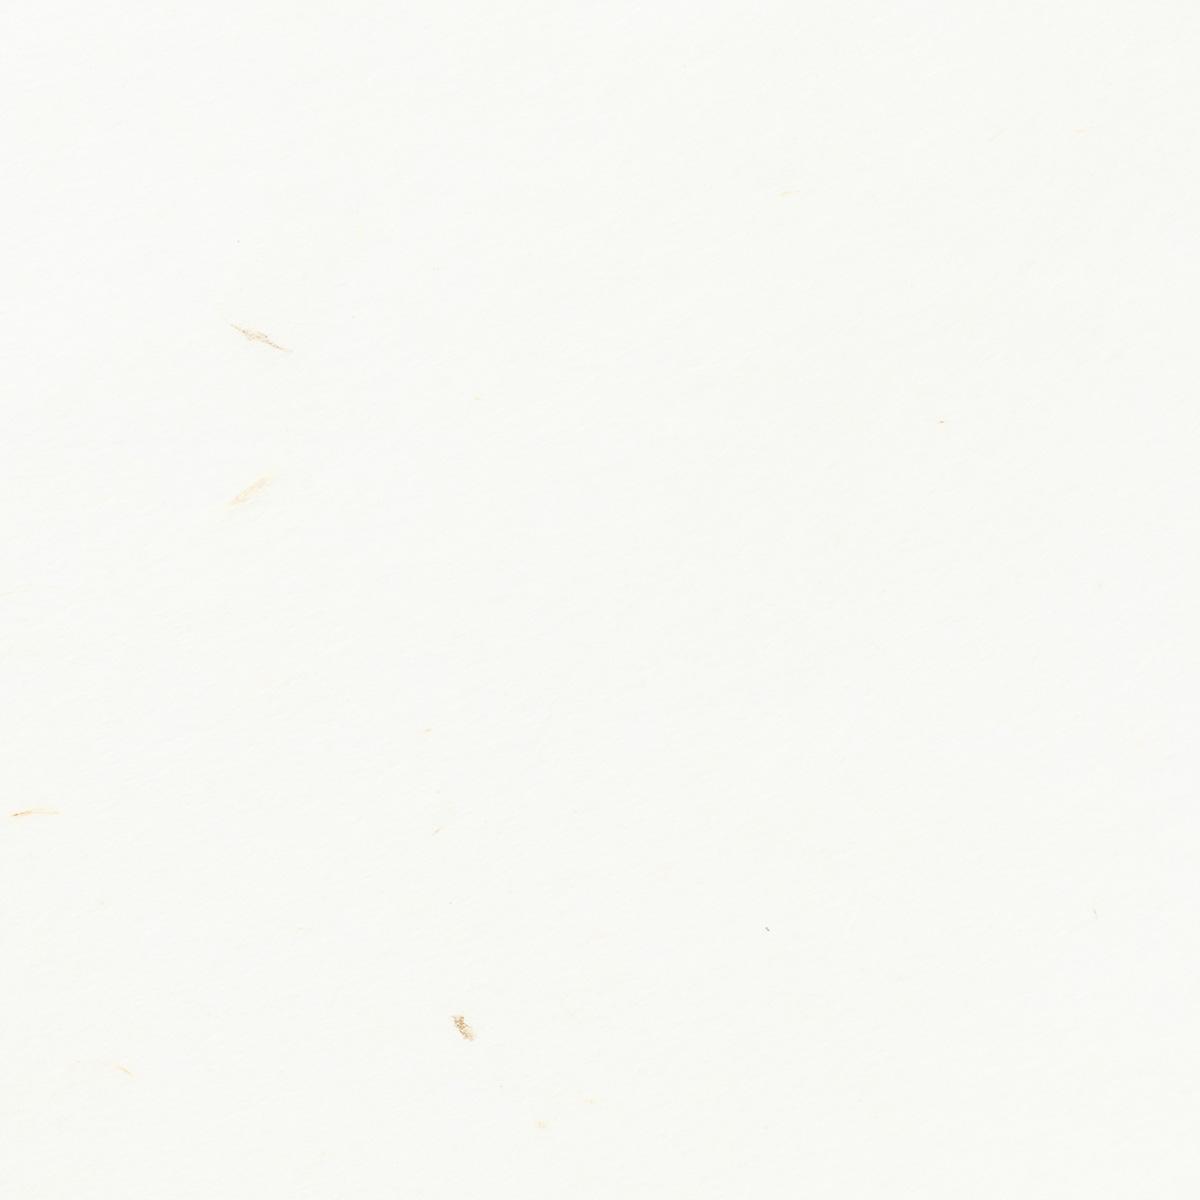 石州 楮紙 稀 四ッ判